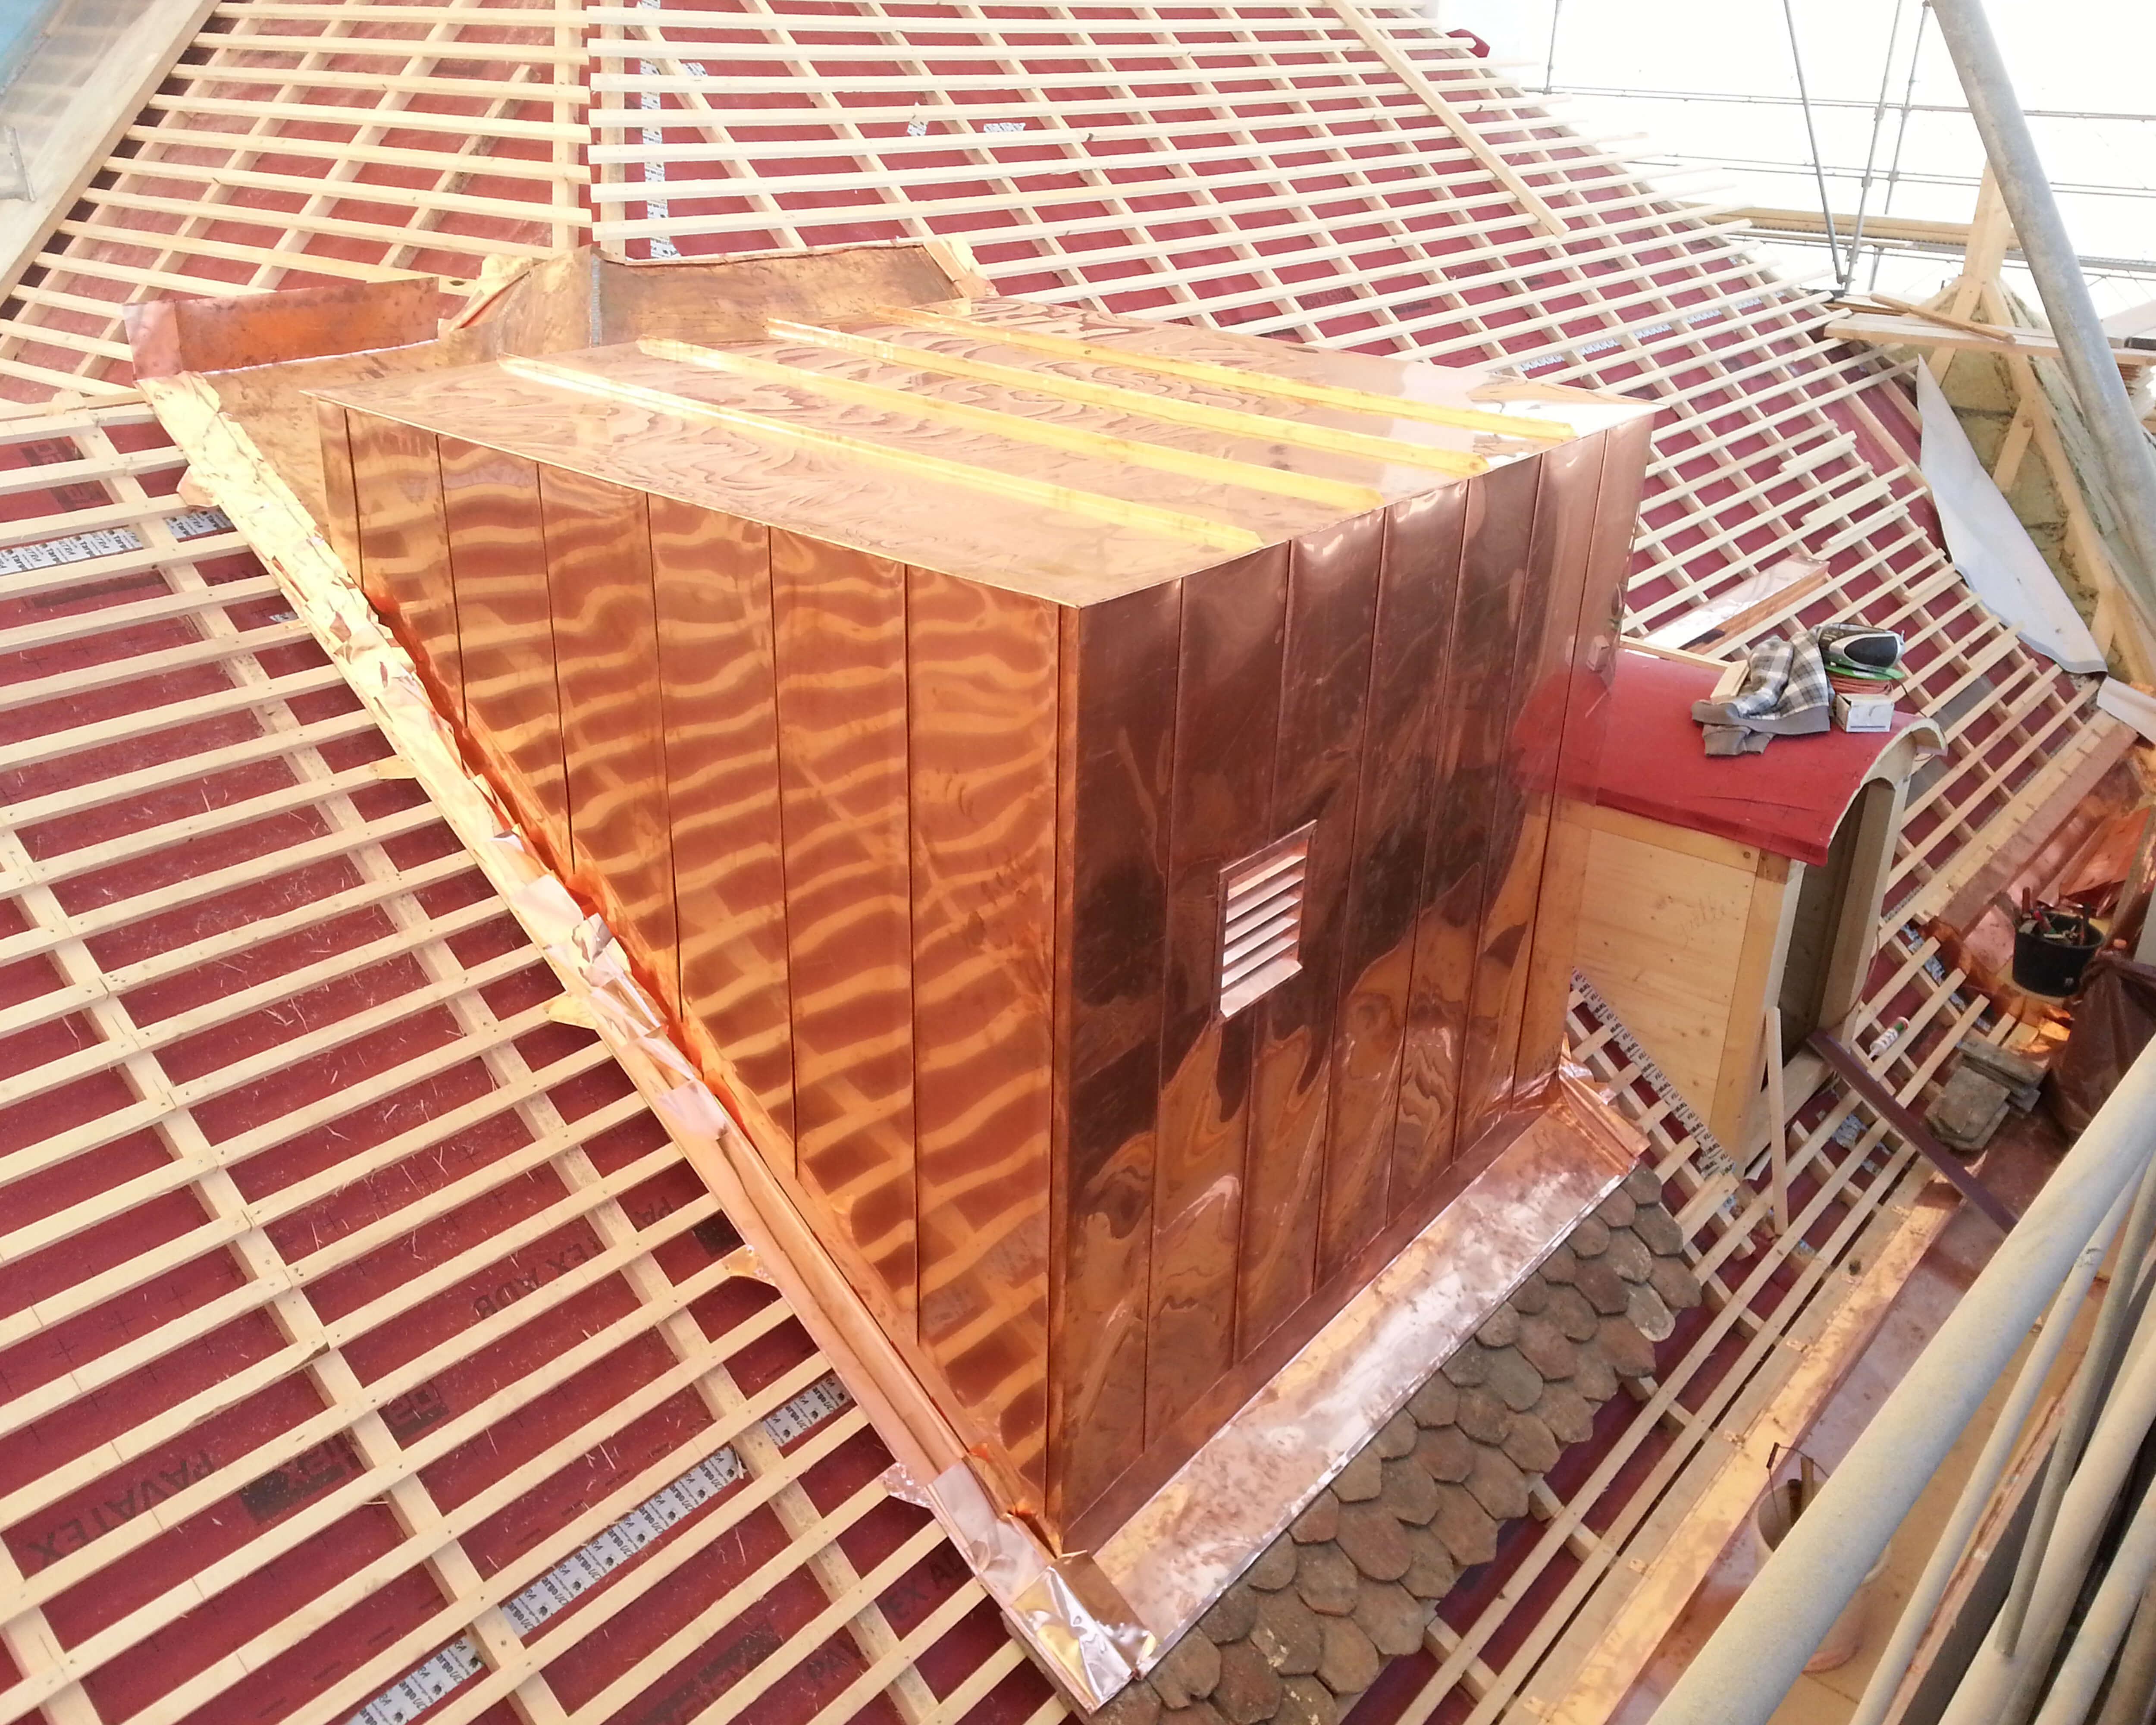 Couverture de toiture - Couverture de toiture en cuivre - Kroepfli Toiture